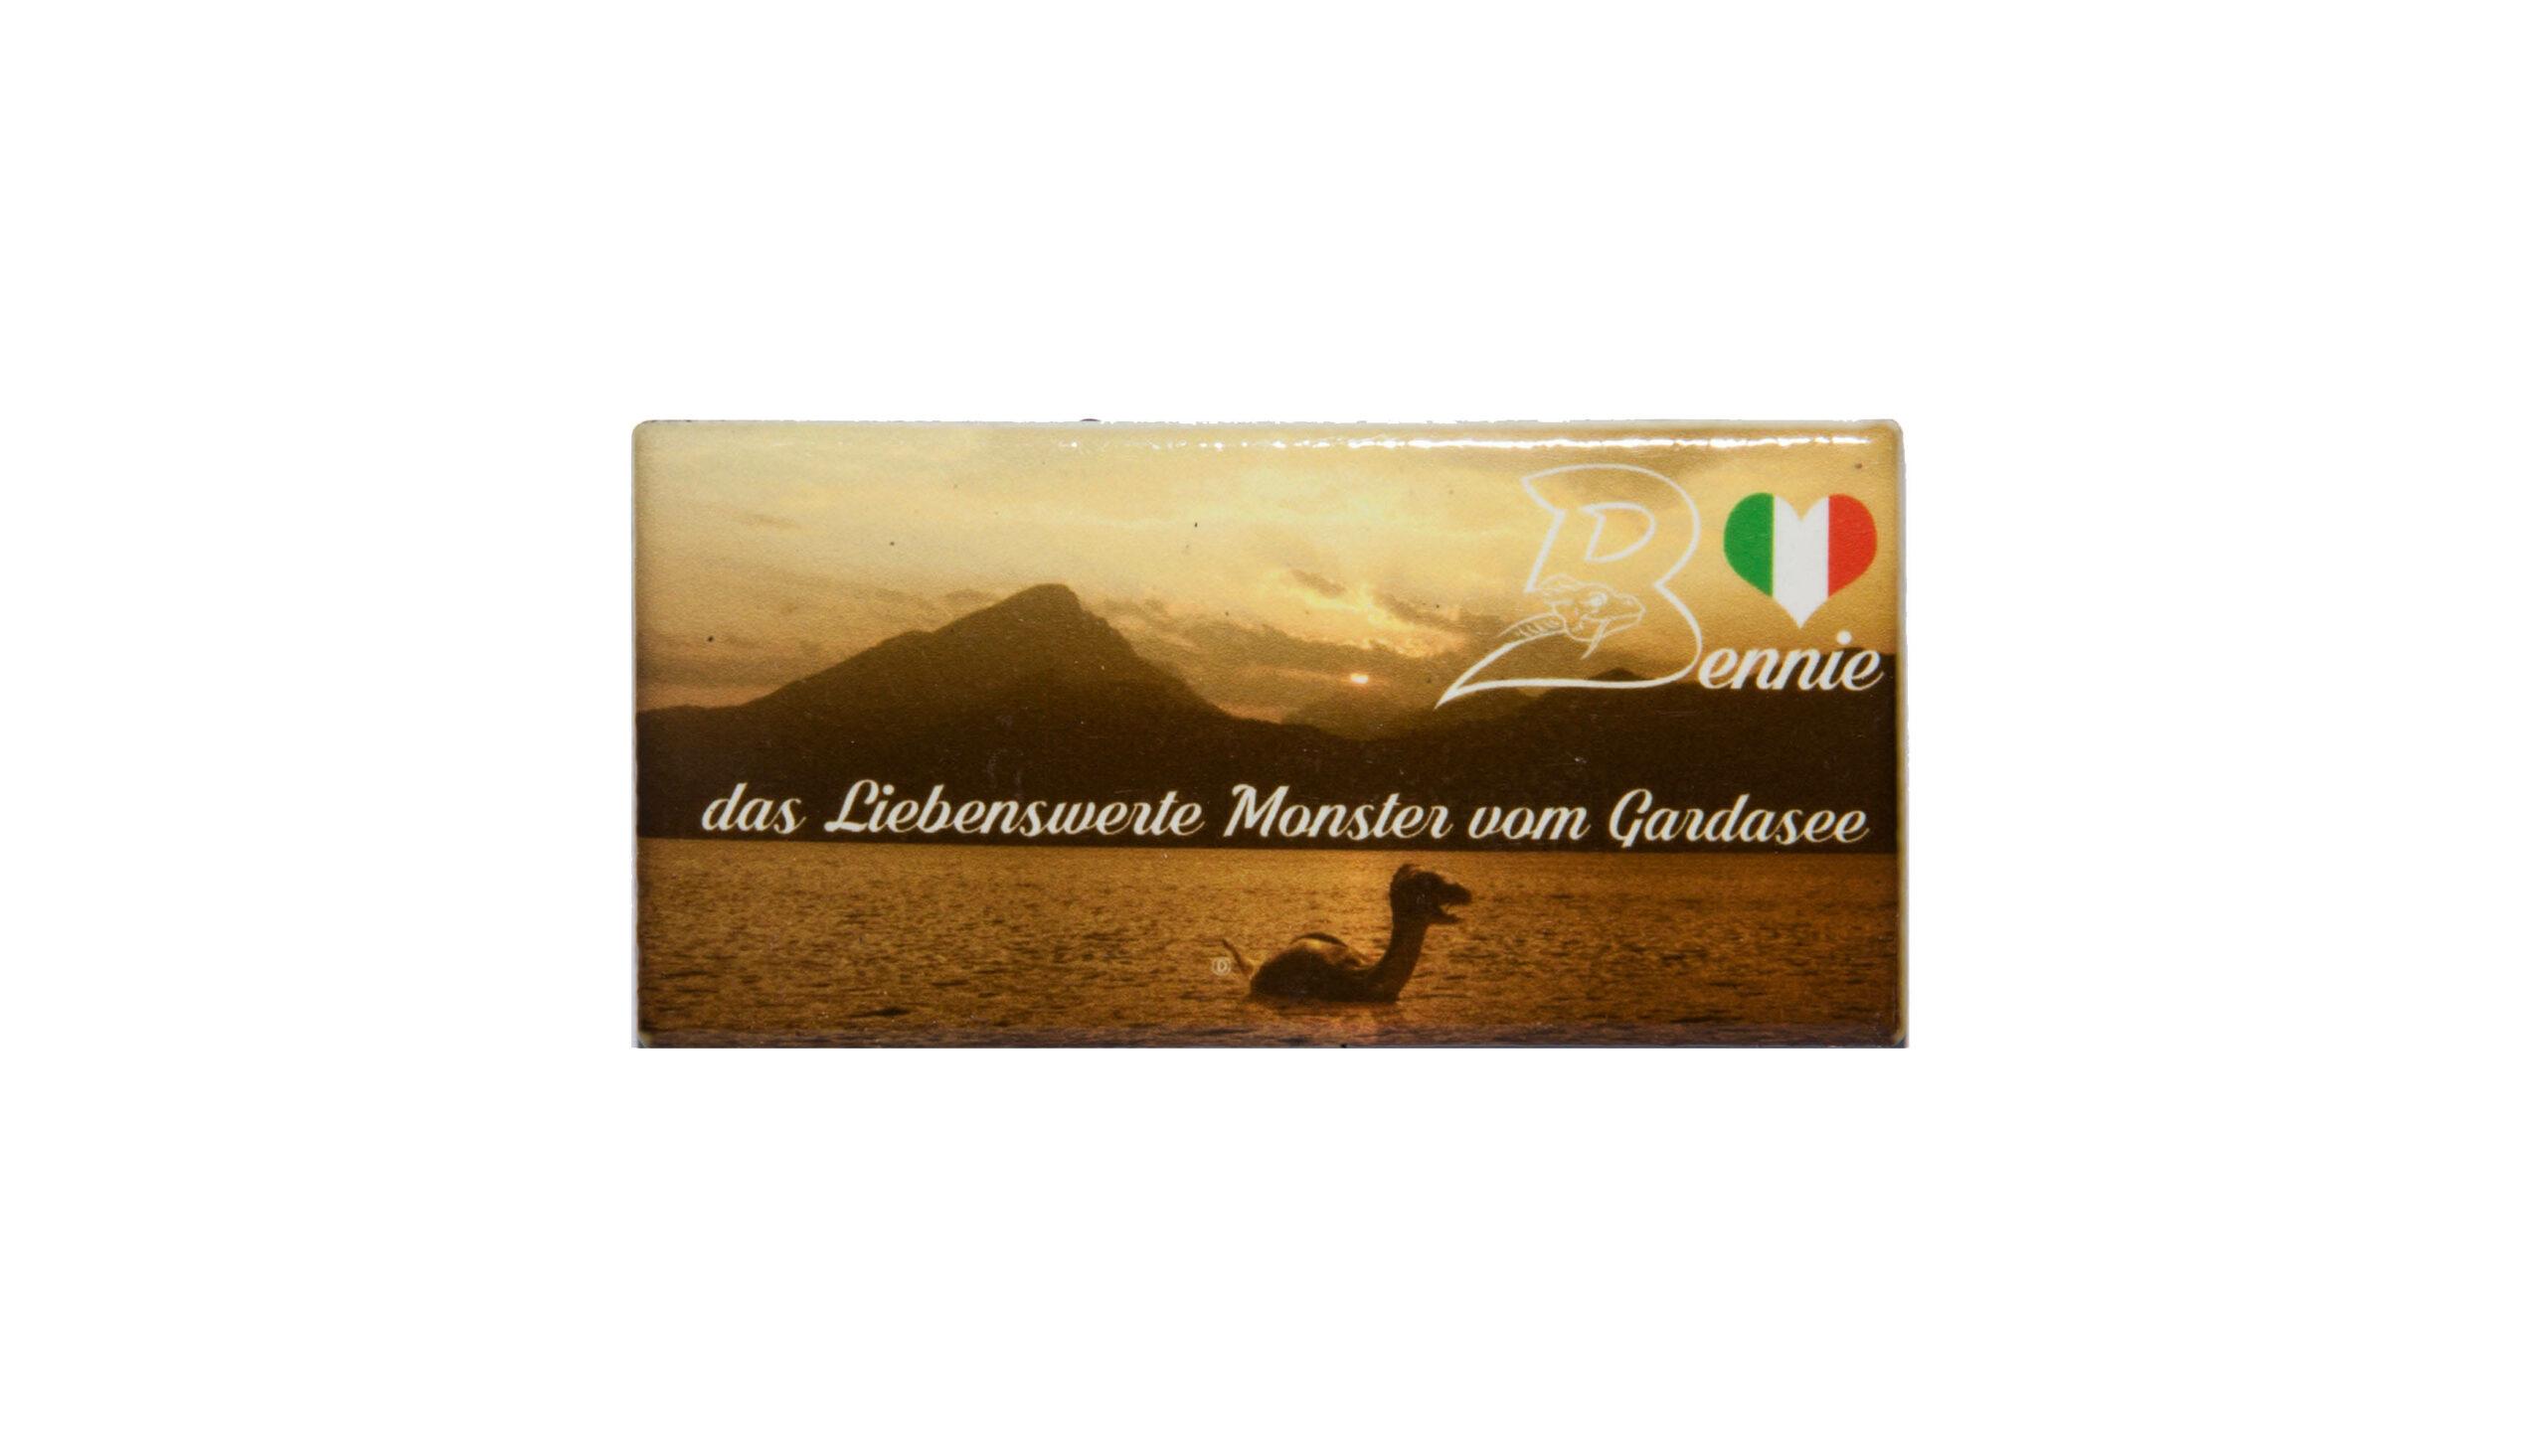 Deutch magnet mit sonnenuntergang und Bennie aus Gardasee. Bthemonster.com